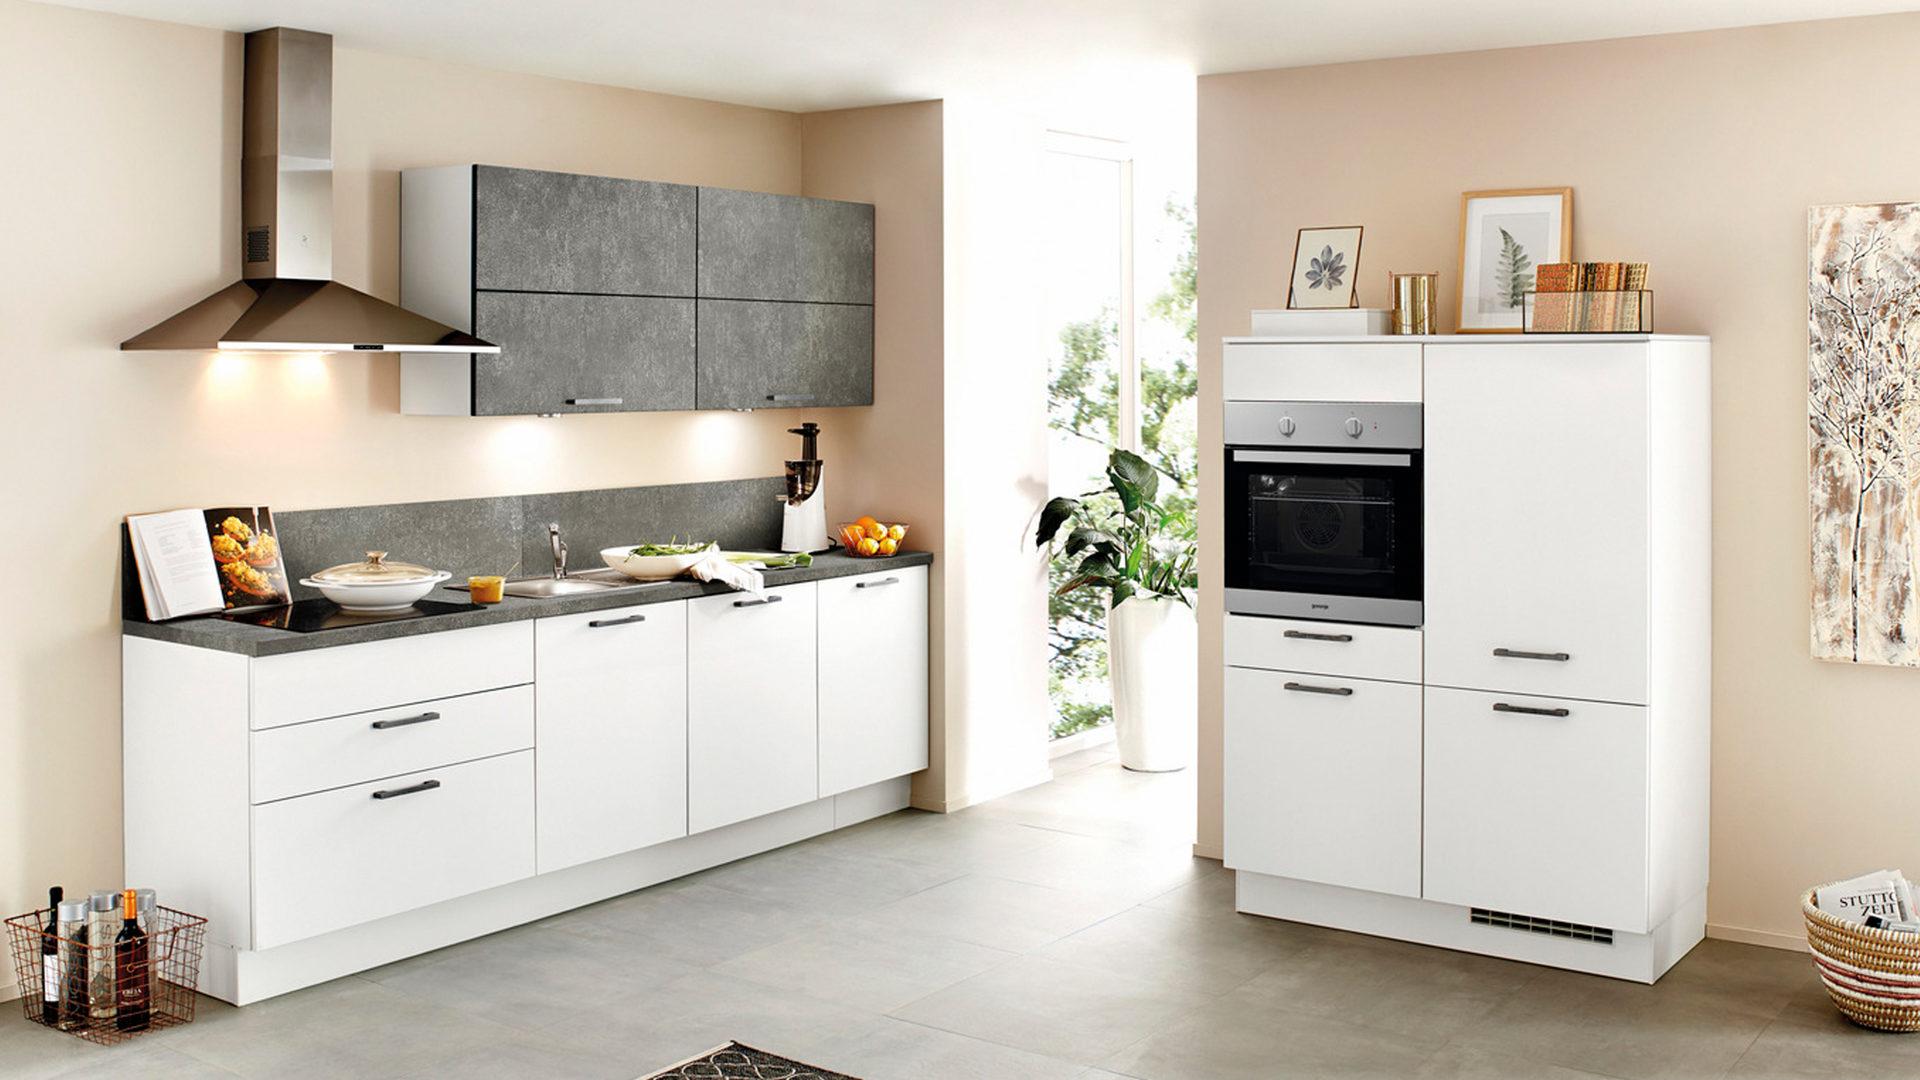 Gemütlich Küchenarbeitsplatten Aus Beton Fotos - Hauptinnenideen ...